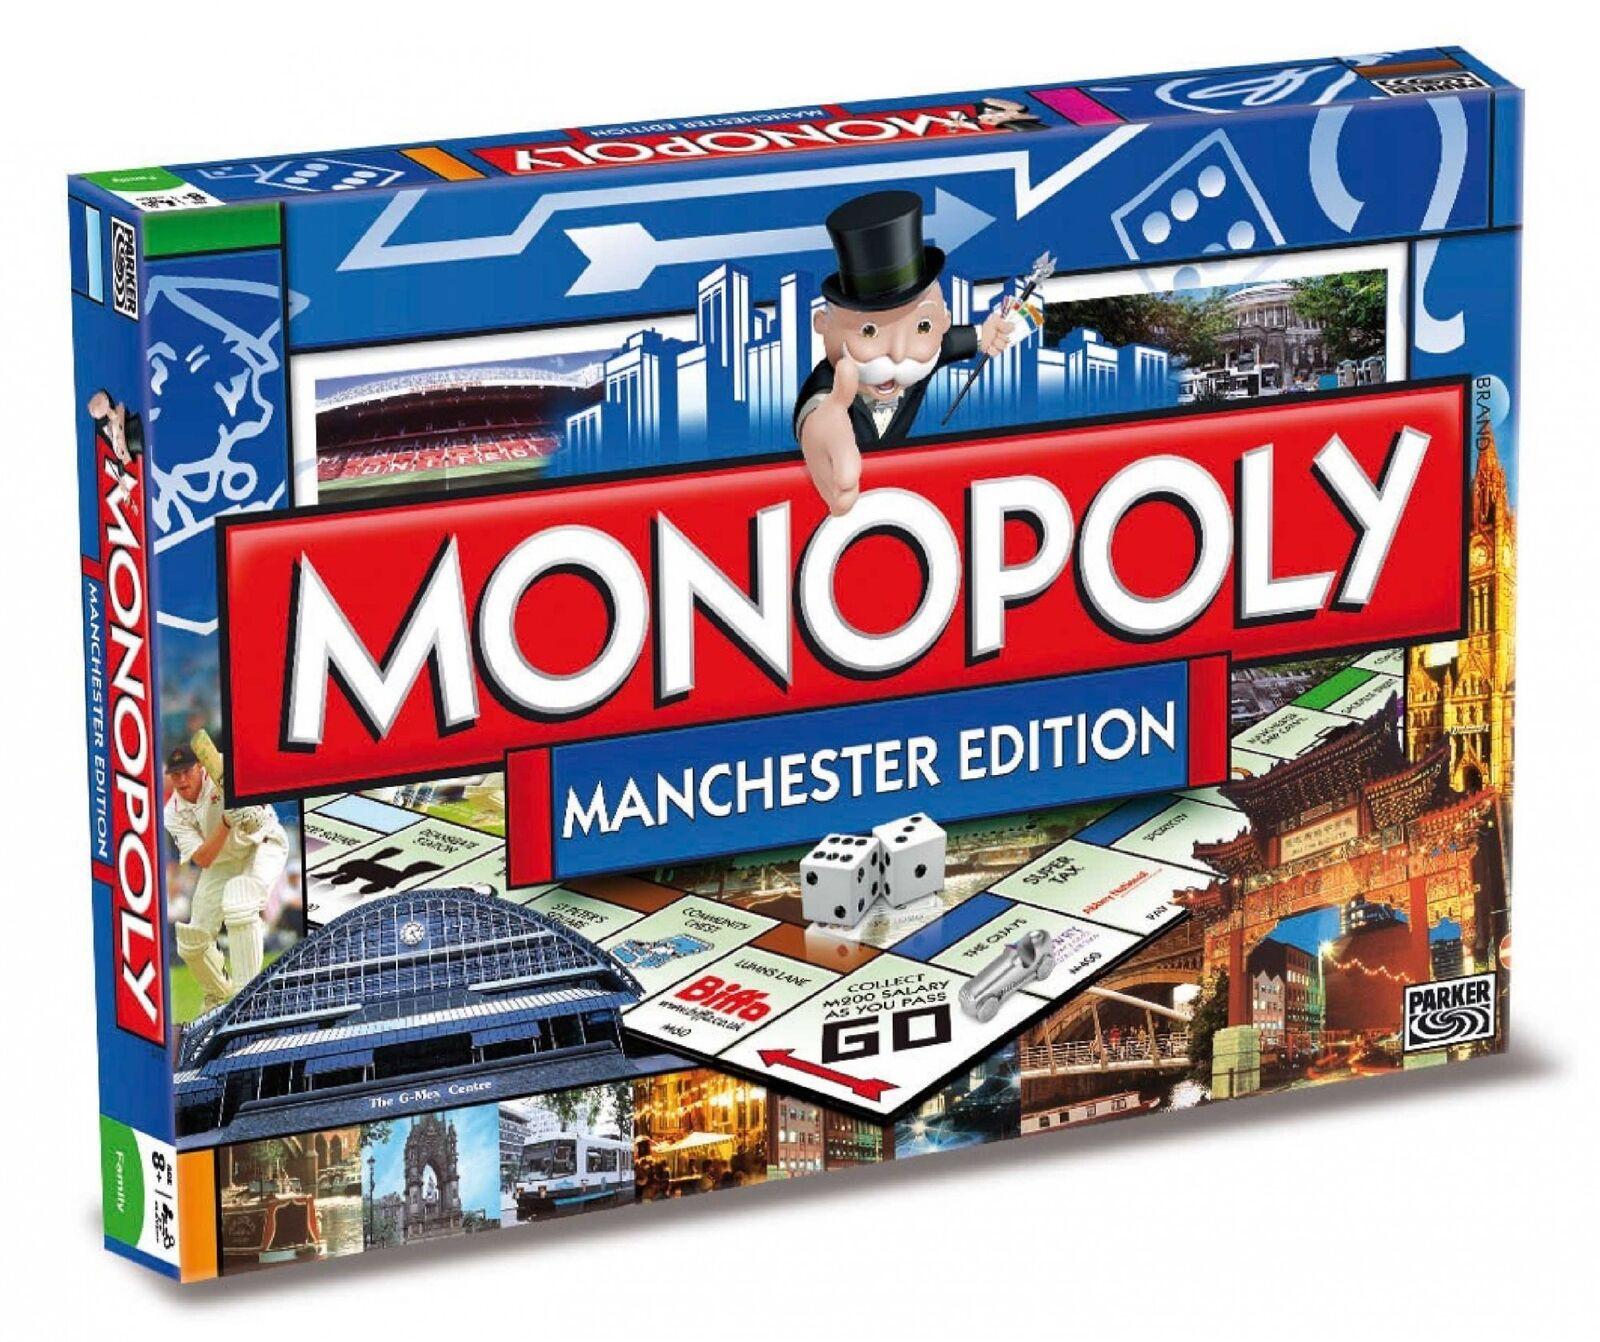 ORIGINALE  Monopoly uomochester edizione inglese gioco di società gioco da tavolo NUOVO  prezzi equi